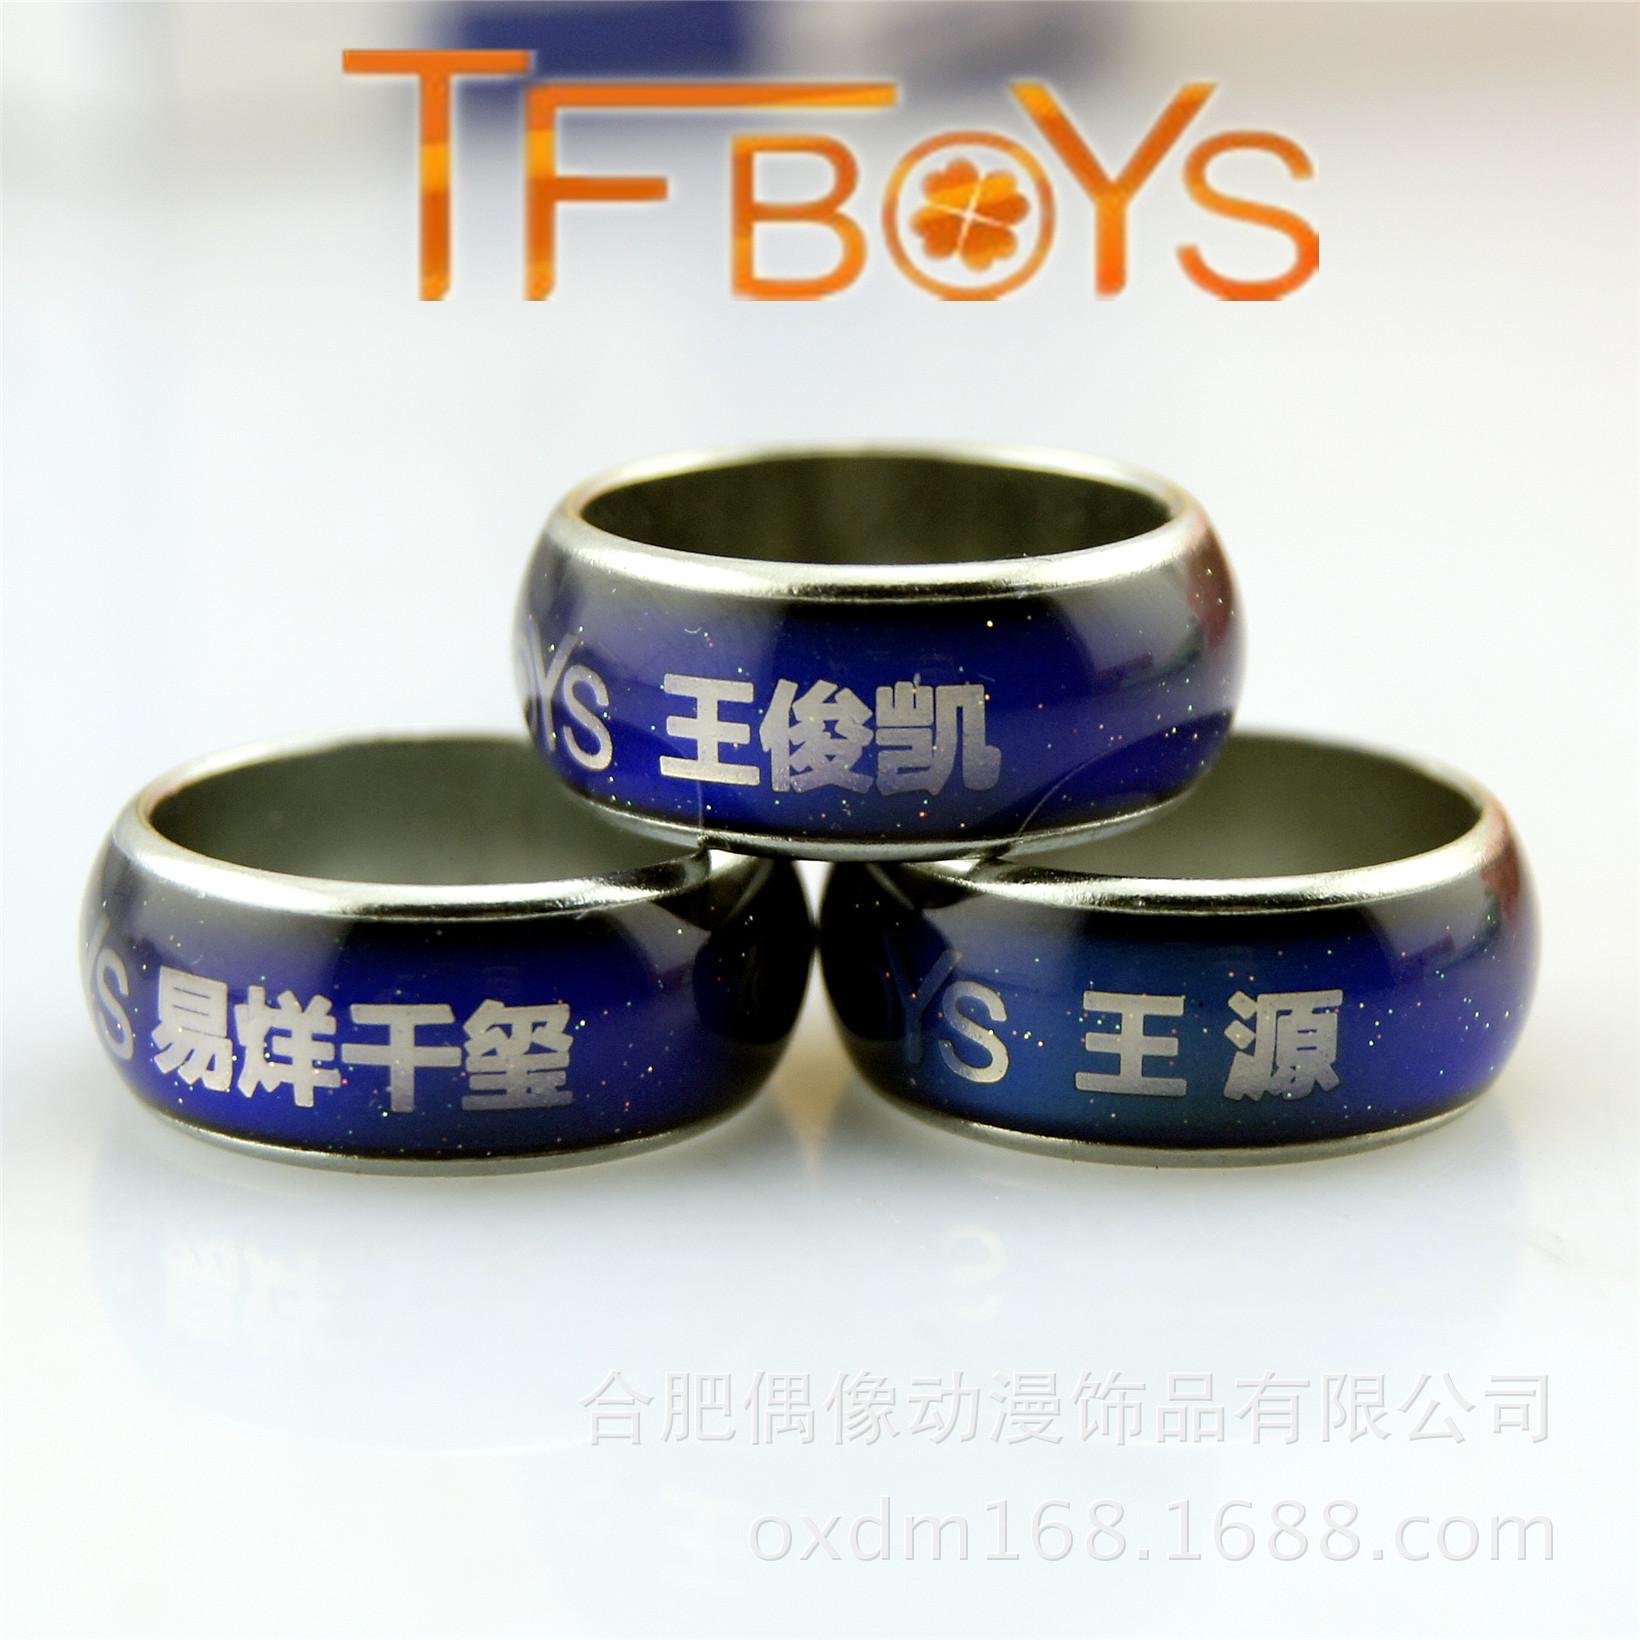 【漫画TFBOYS加油少年王源王俊凯易烊千玺明星男生好看qq头像的